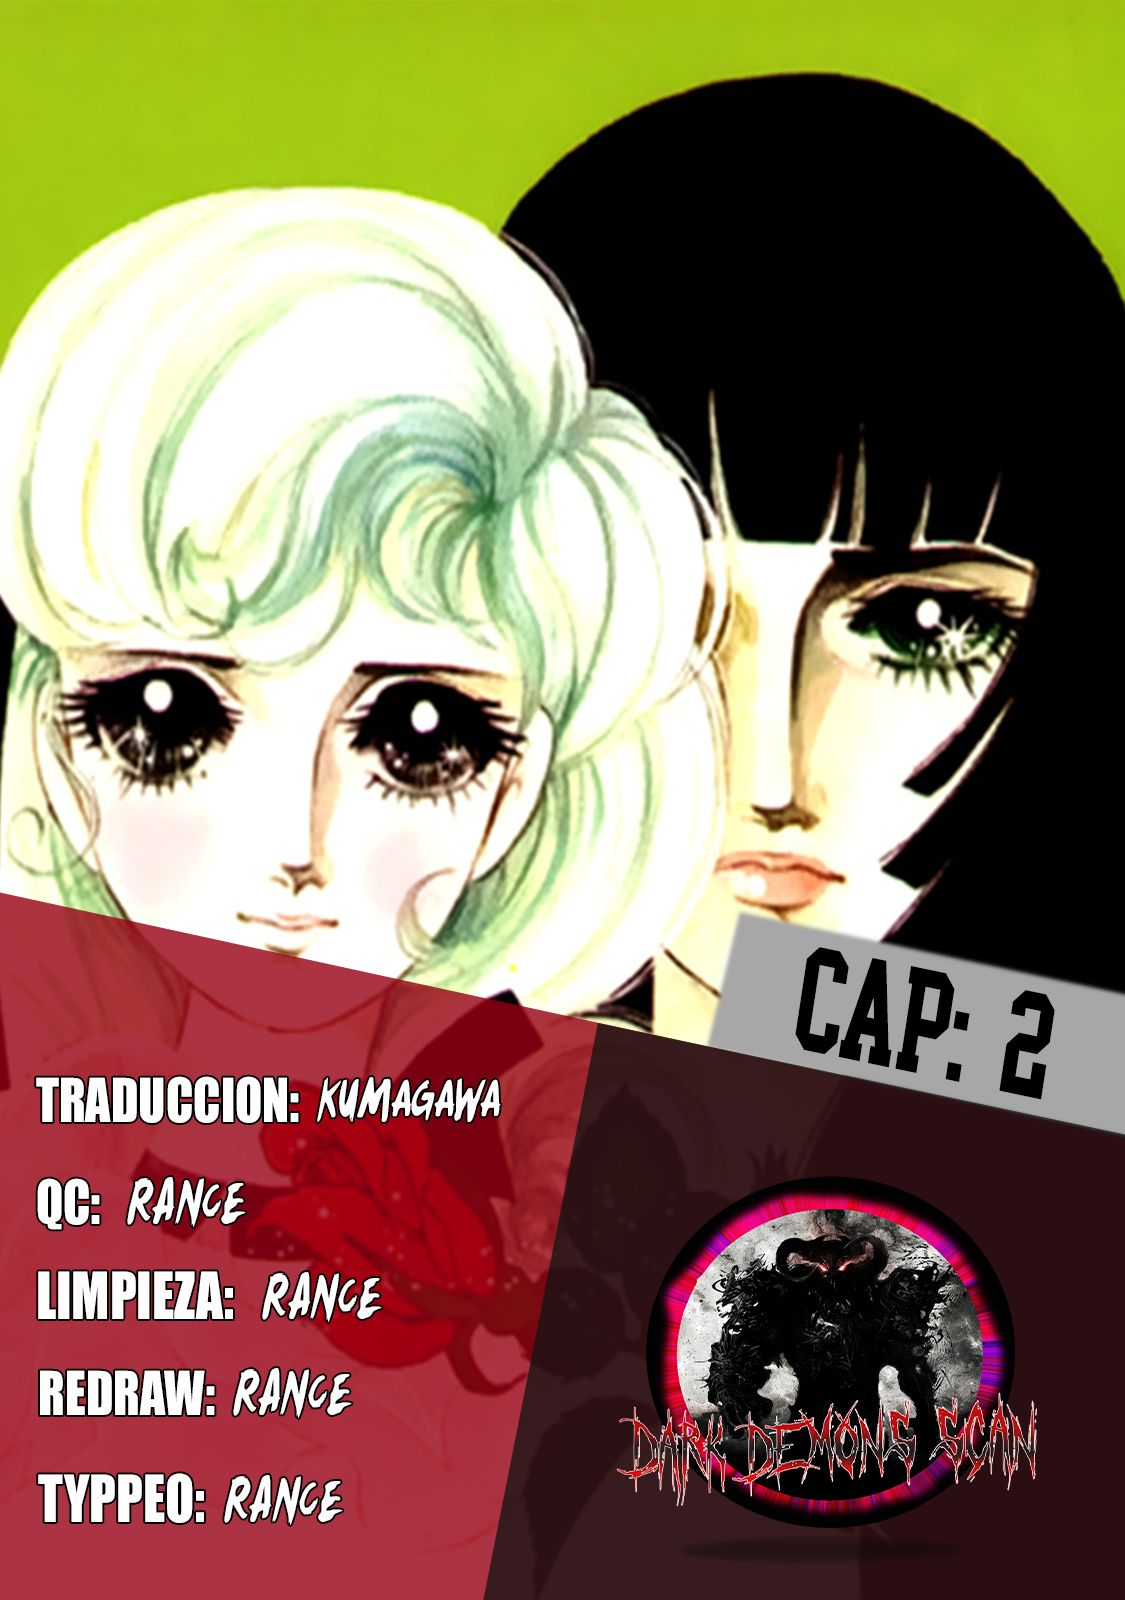 https://c9.mangatag.com/es_manga/pic5/6/11398/715199/db61189107cd70a1e01f8879112ab64f.jpg Page 1